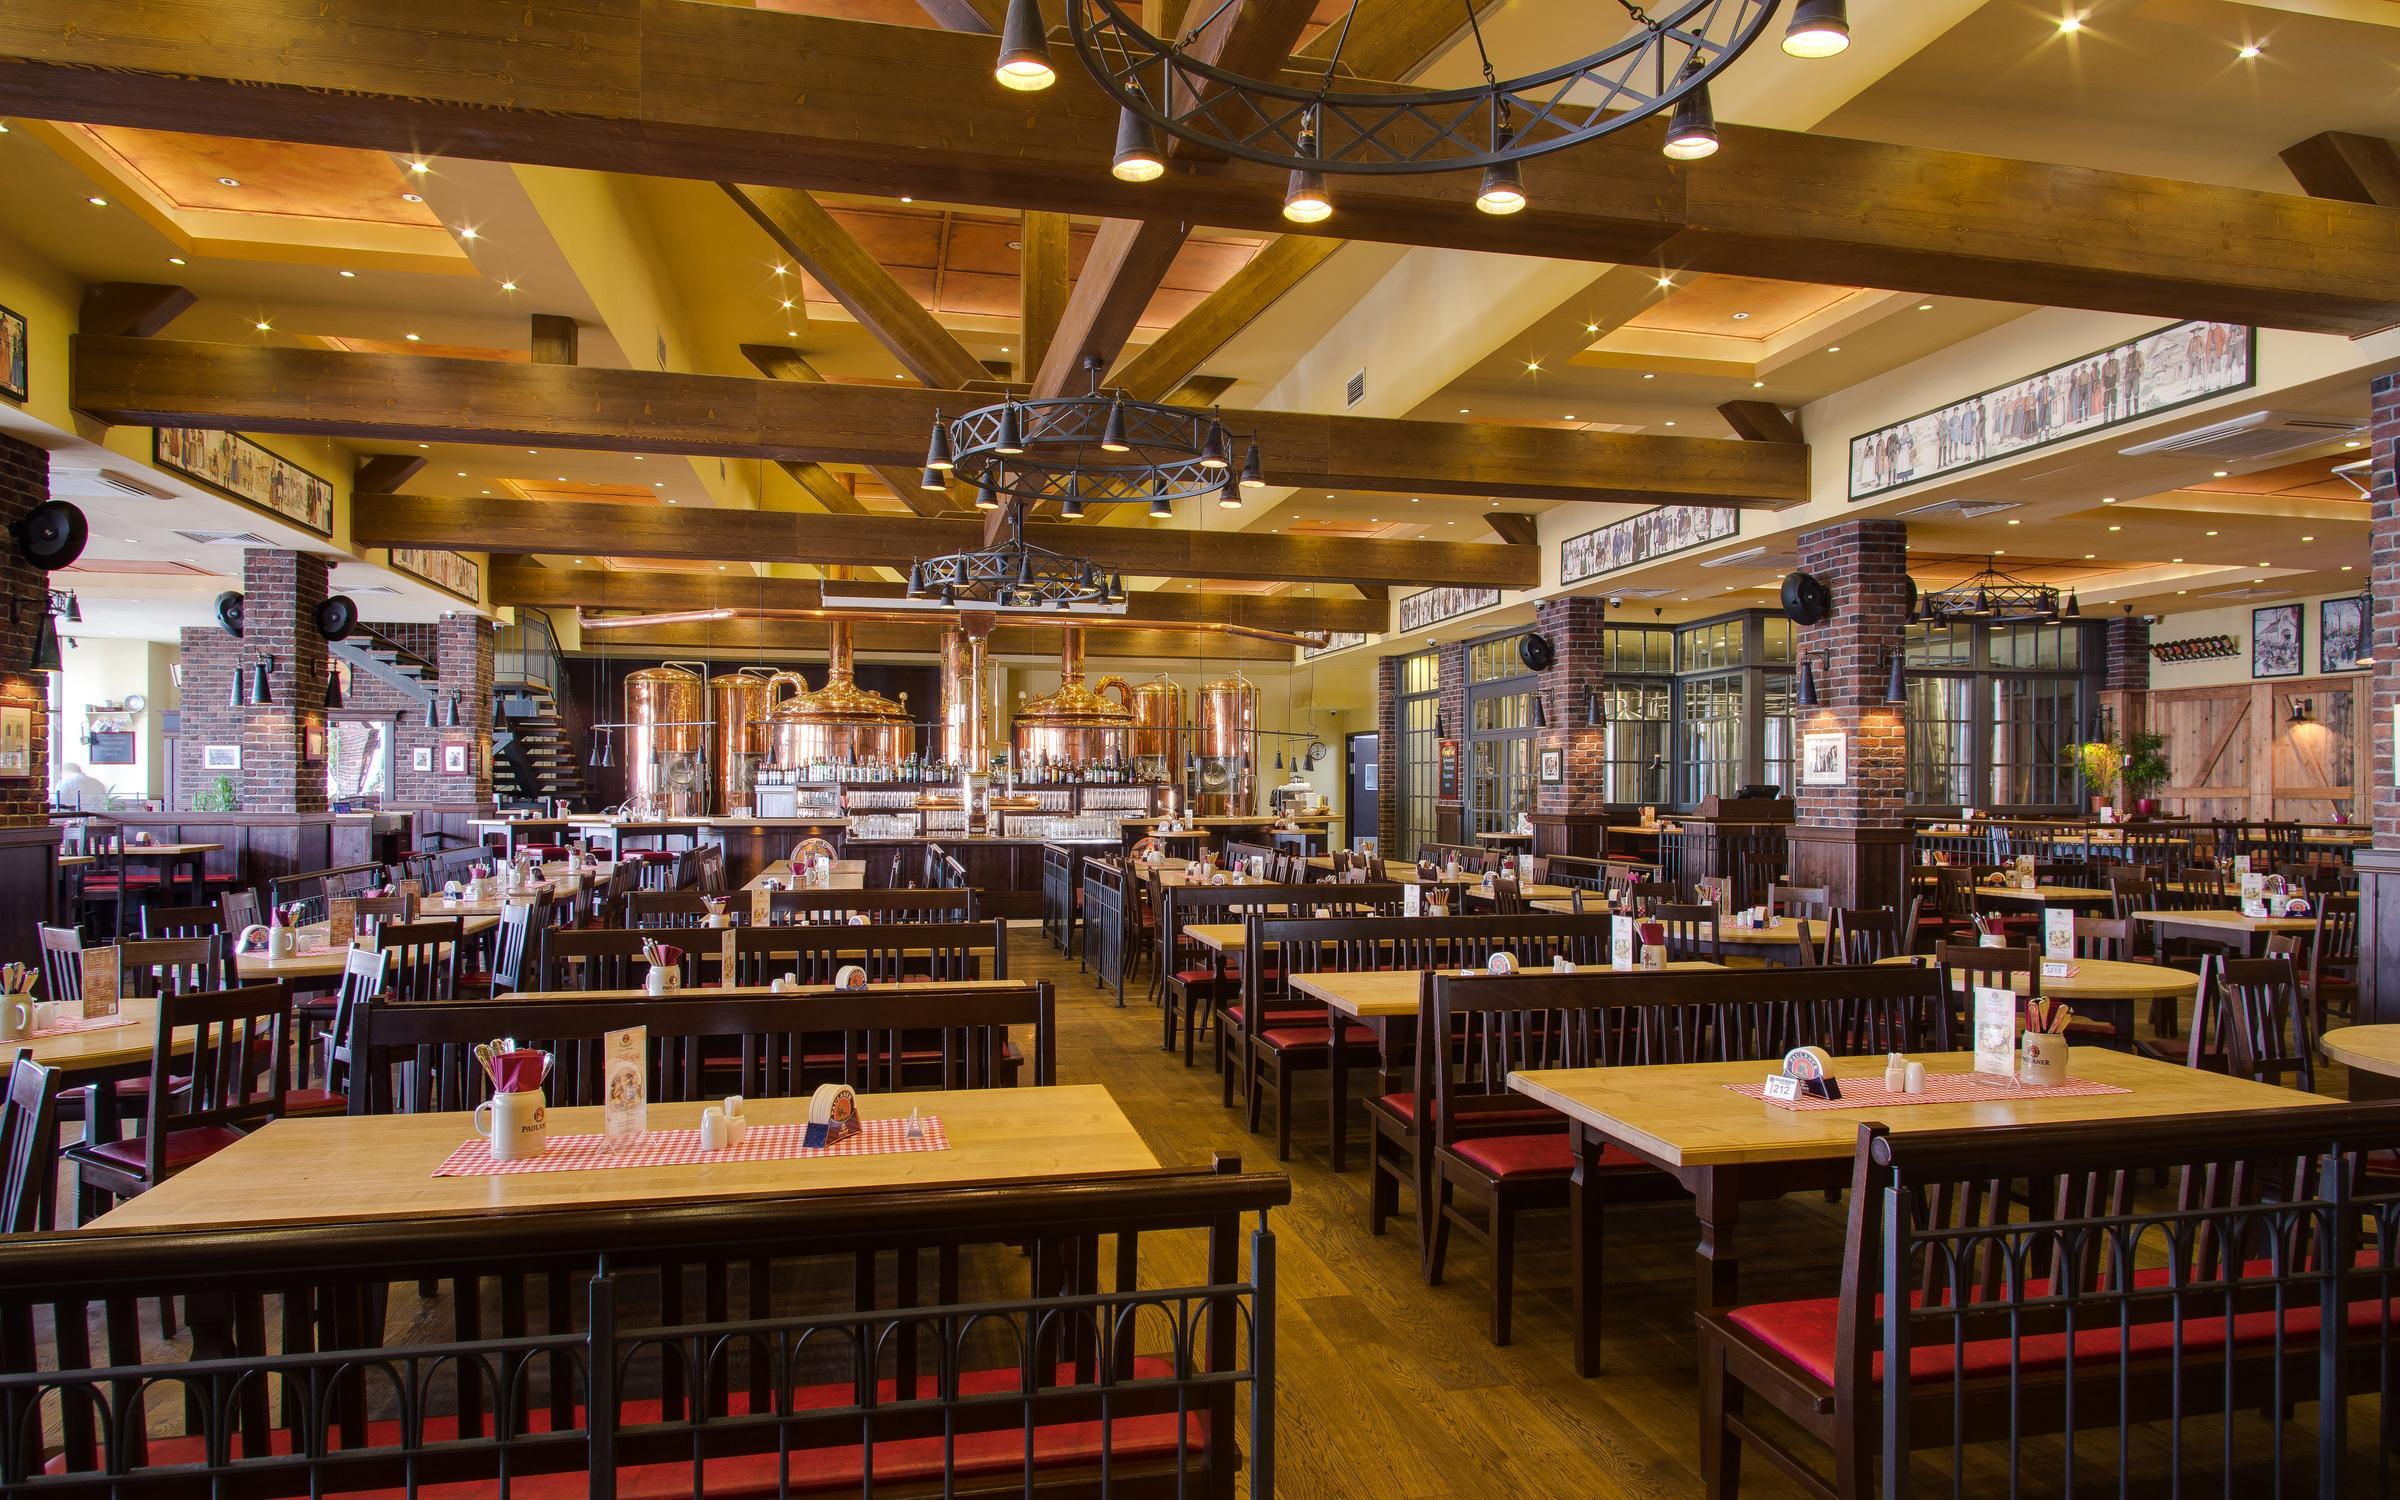 фотография Ресторана Paulaner Brauhaus на Шлюзовой набережной